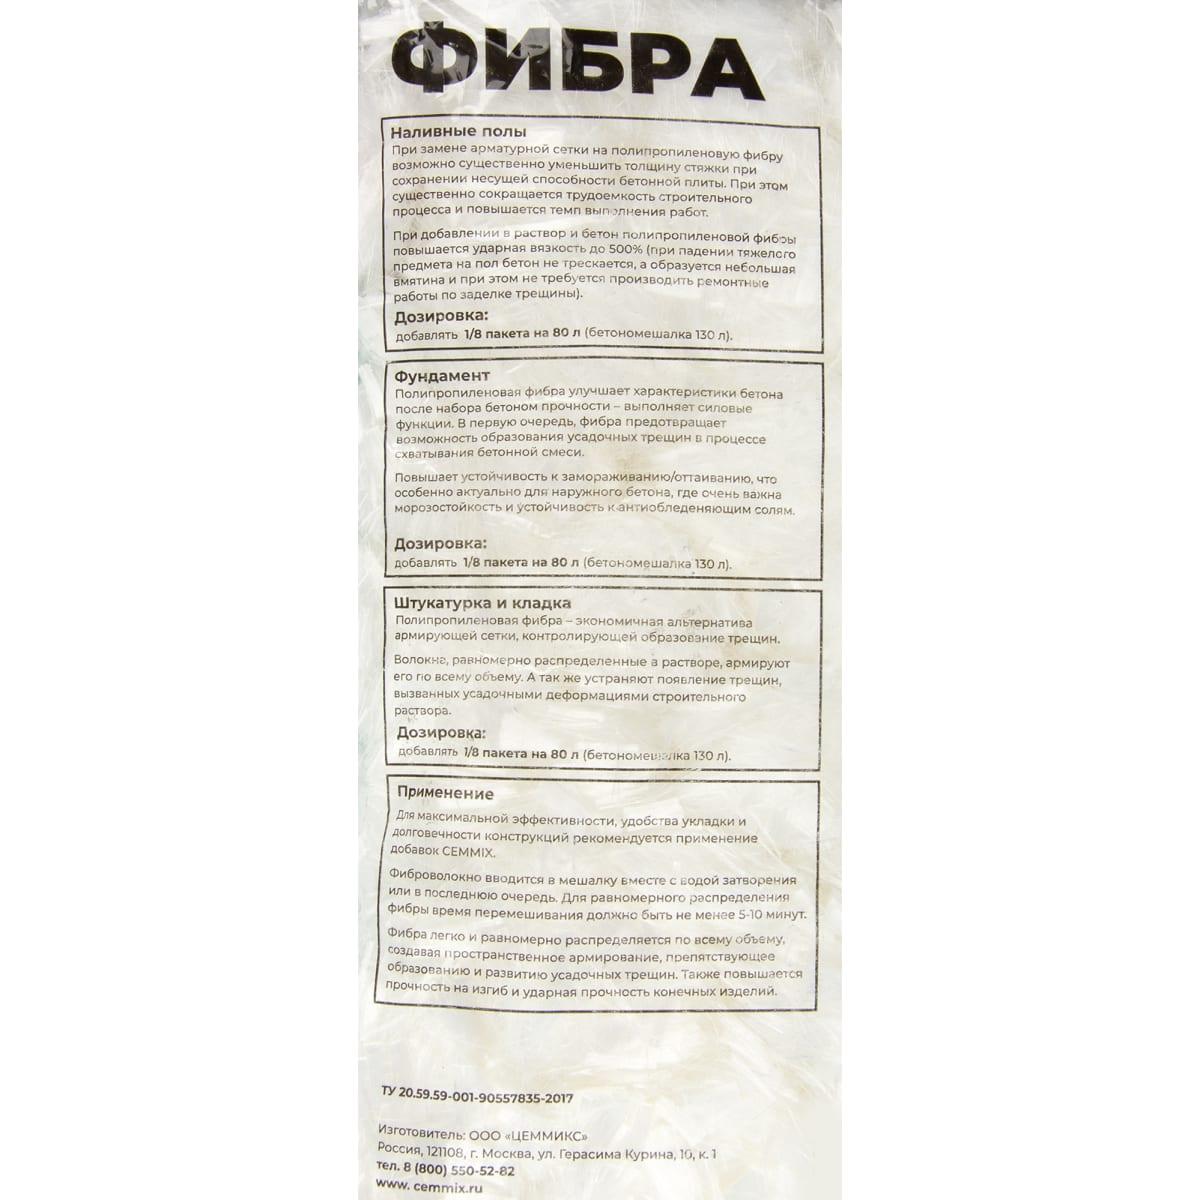 Фибра для бетона цена леруа мерлен купить купить бетон в торбеево